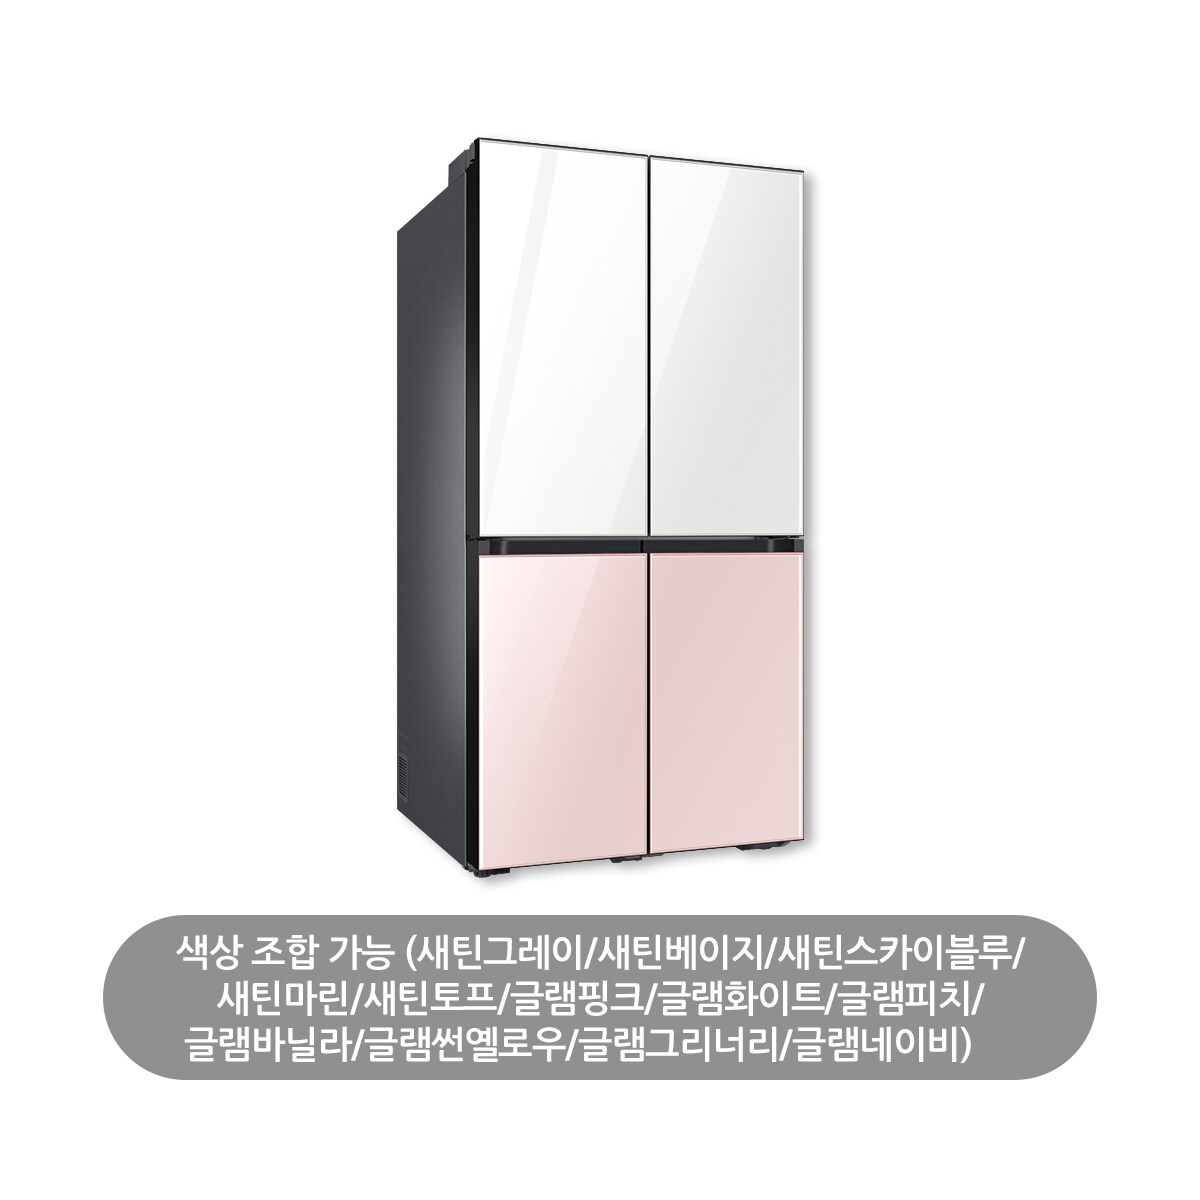 삼성전자 인증점 삼성 비스포크 1등급 냉장고 RF85T91S1AP 오더메이드 글라스, RF85T91S1AP 글라스-4-2210661889